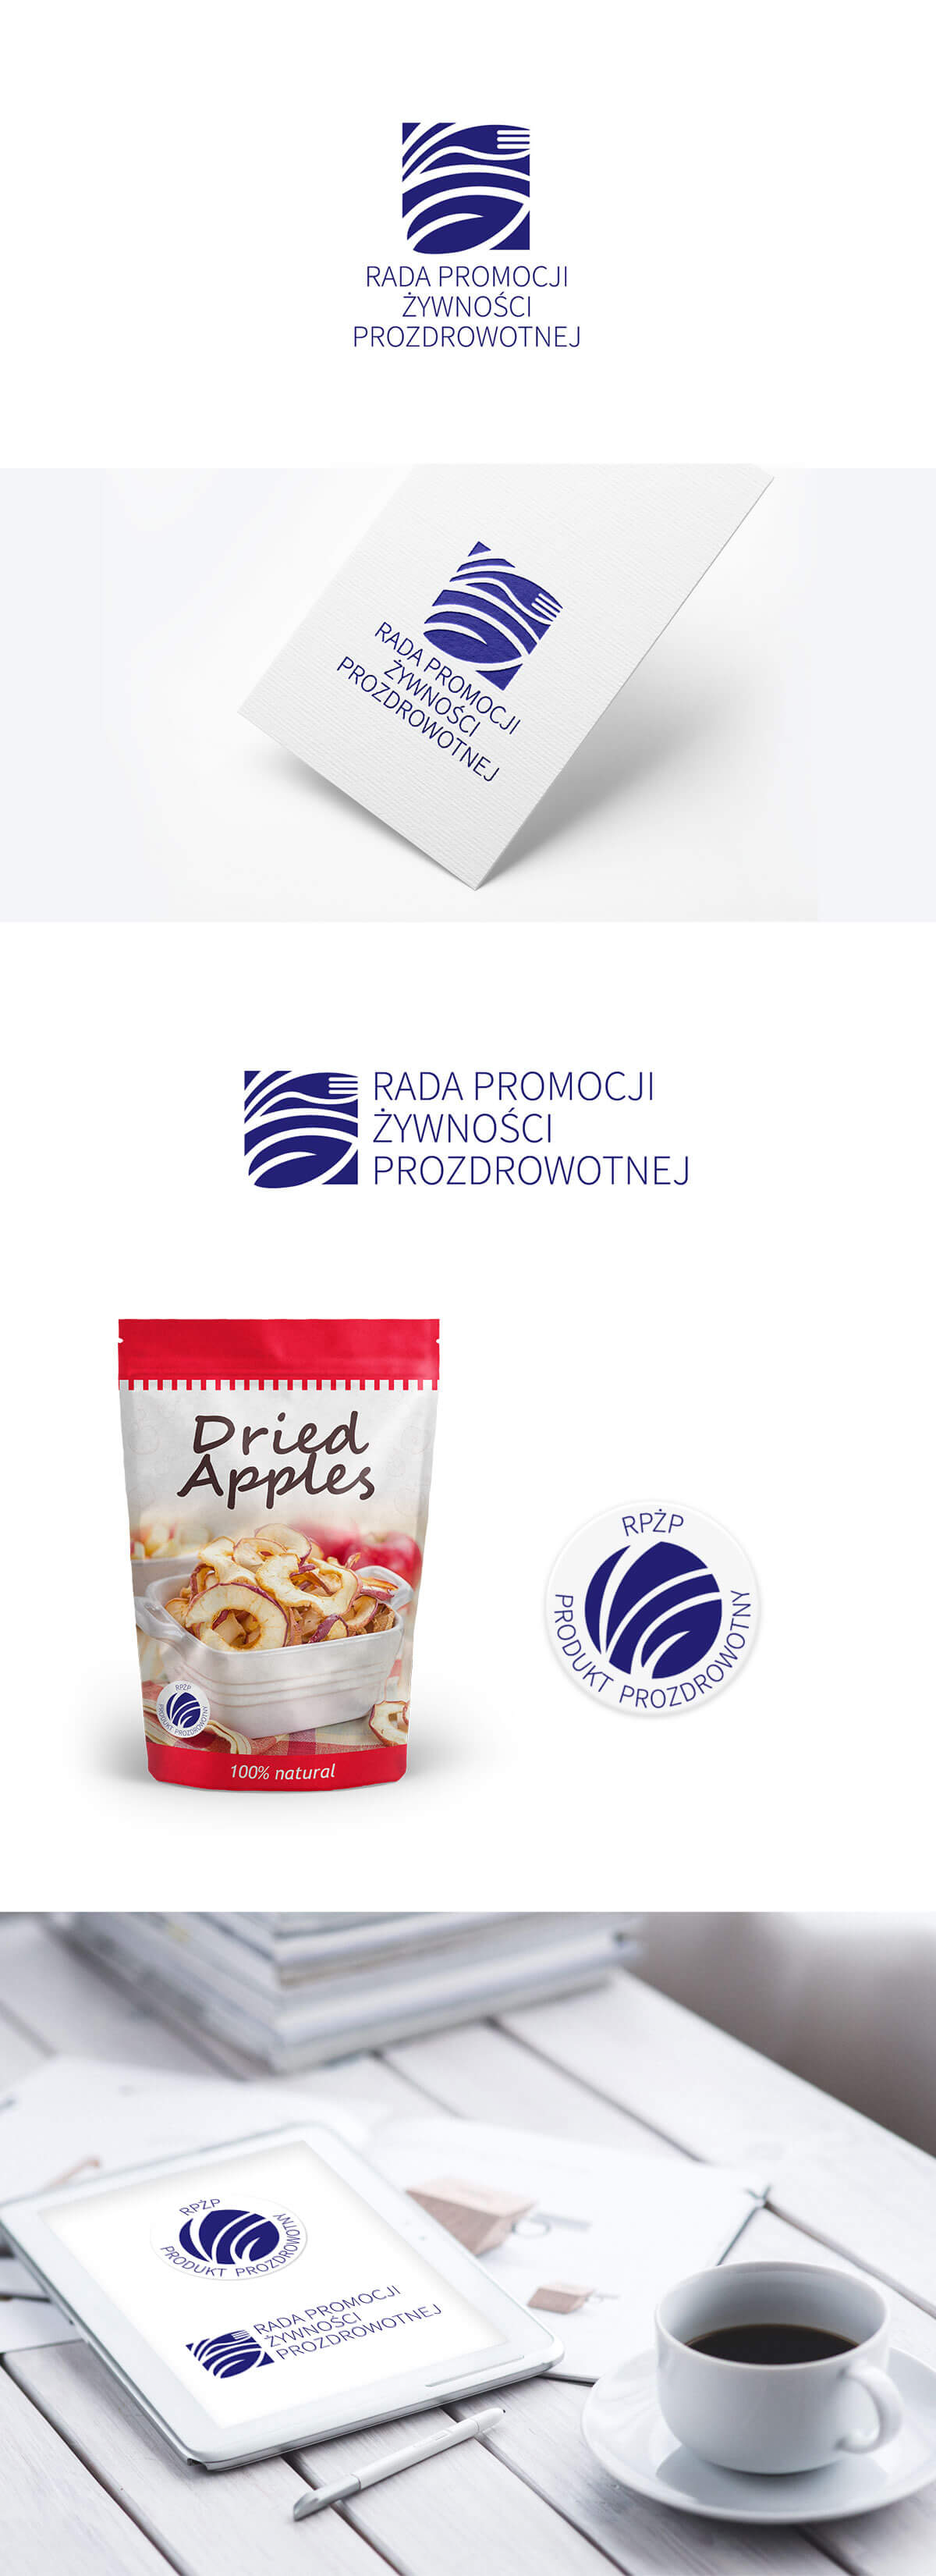 logo rady promocji żywności prozdrowotnej